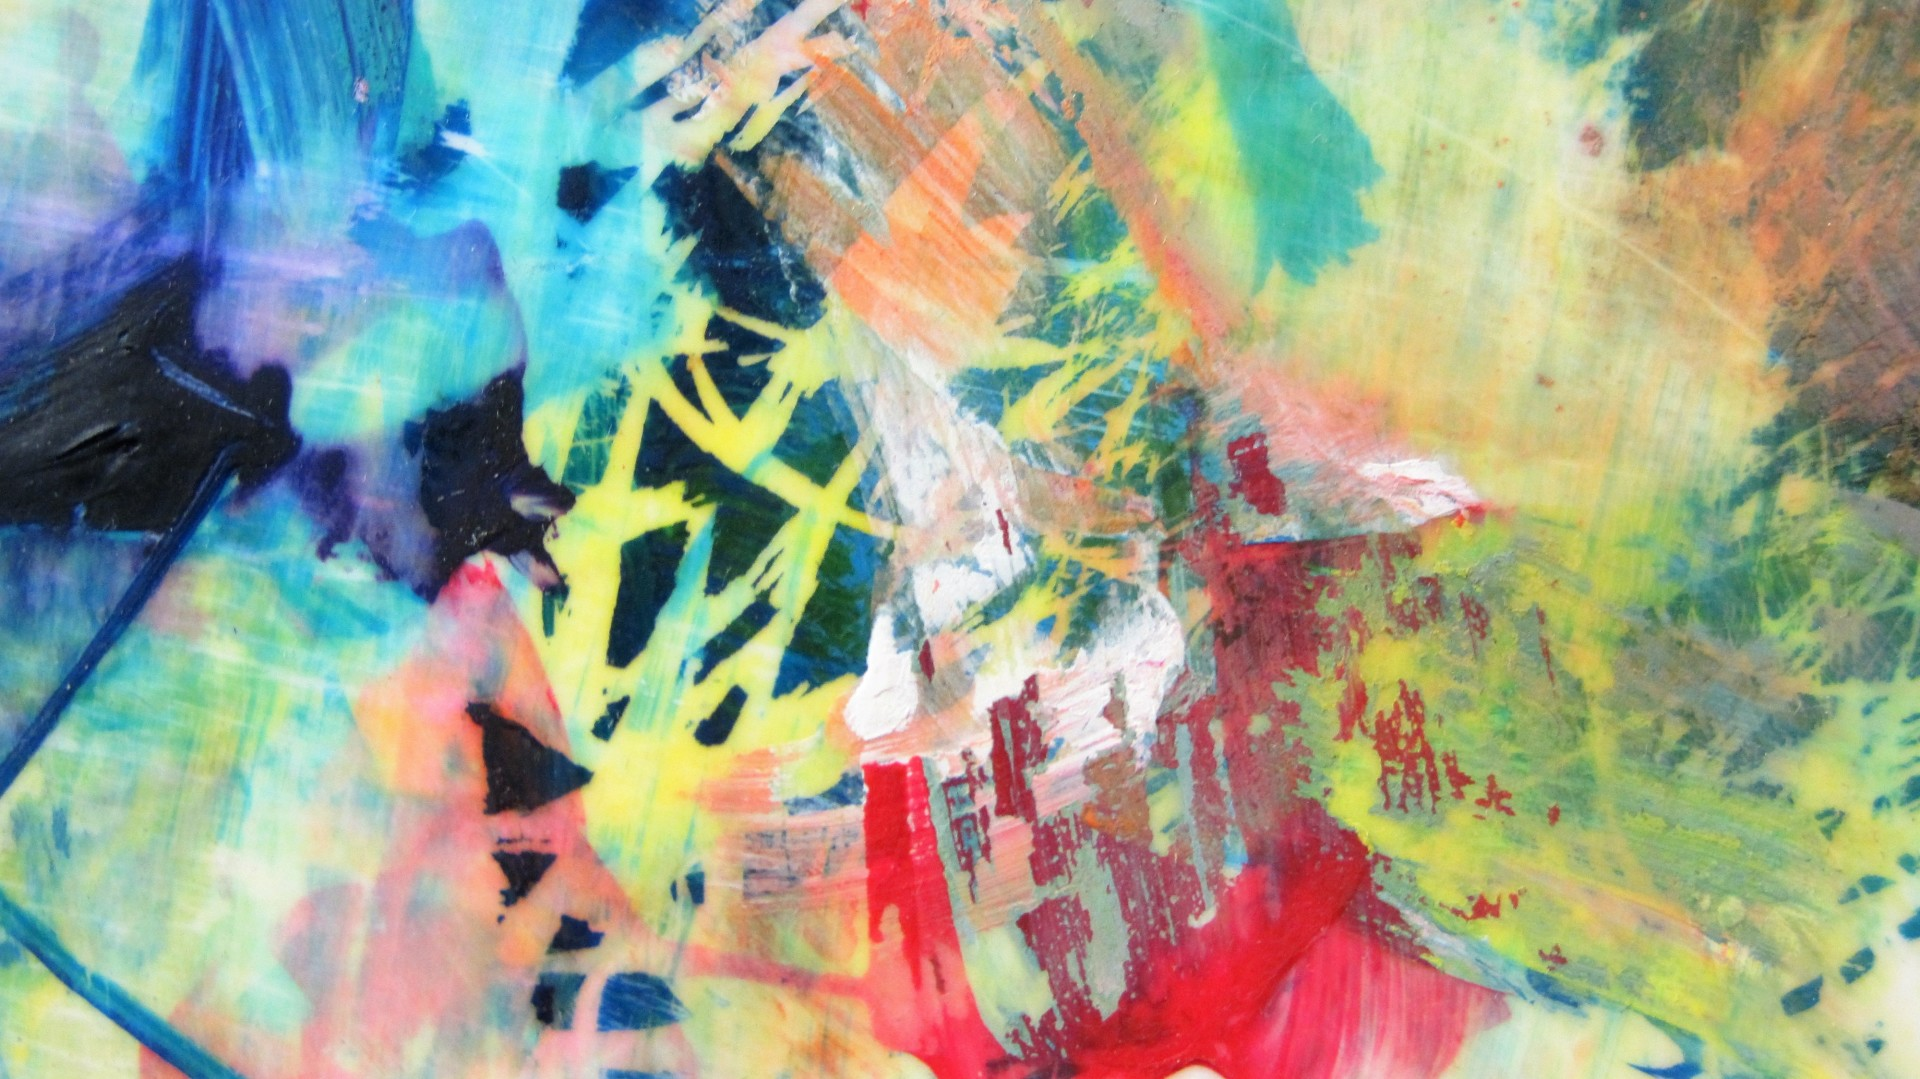 abstract close up